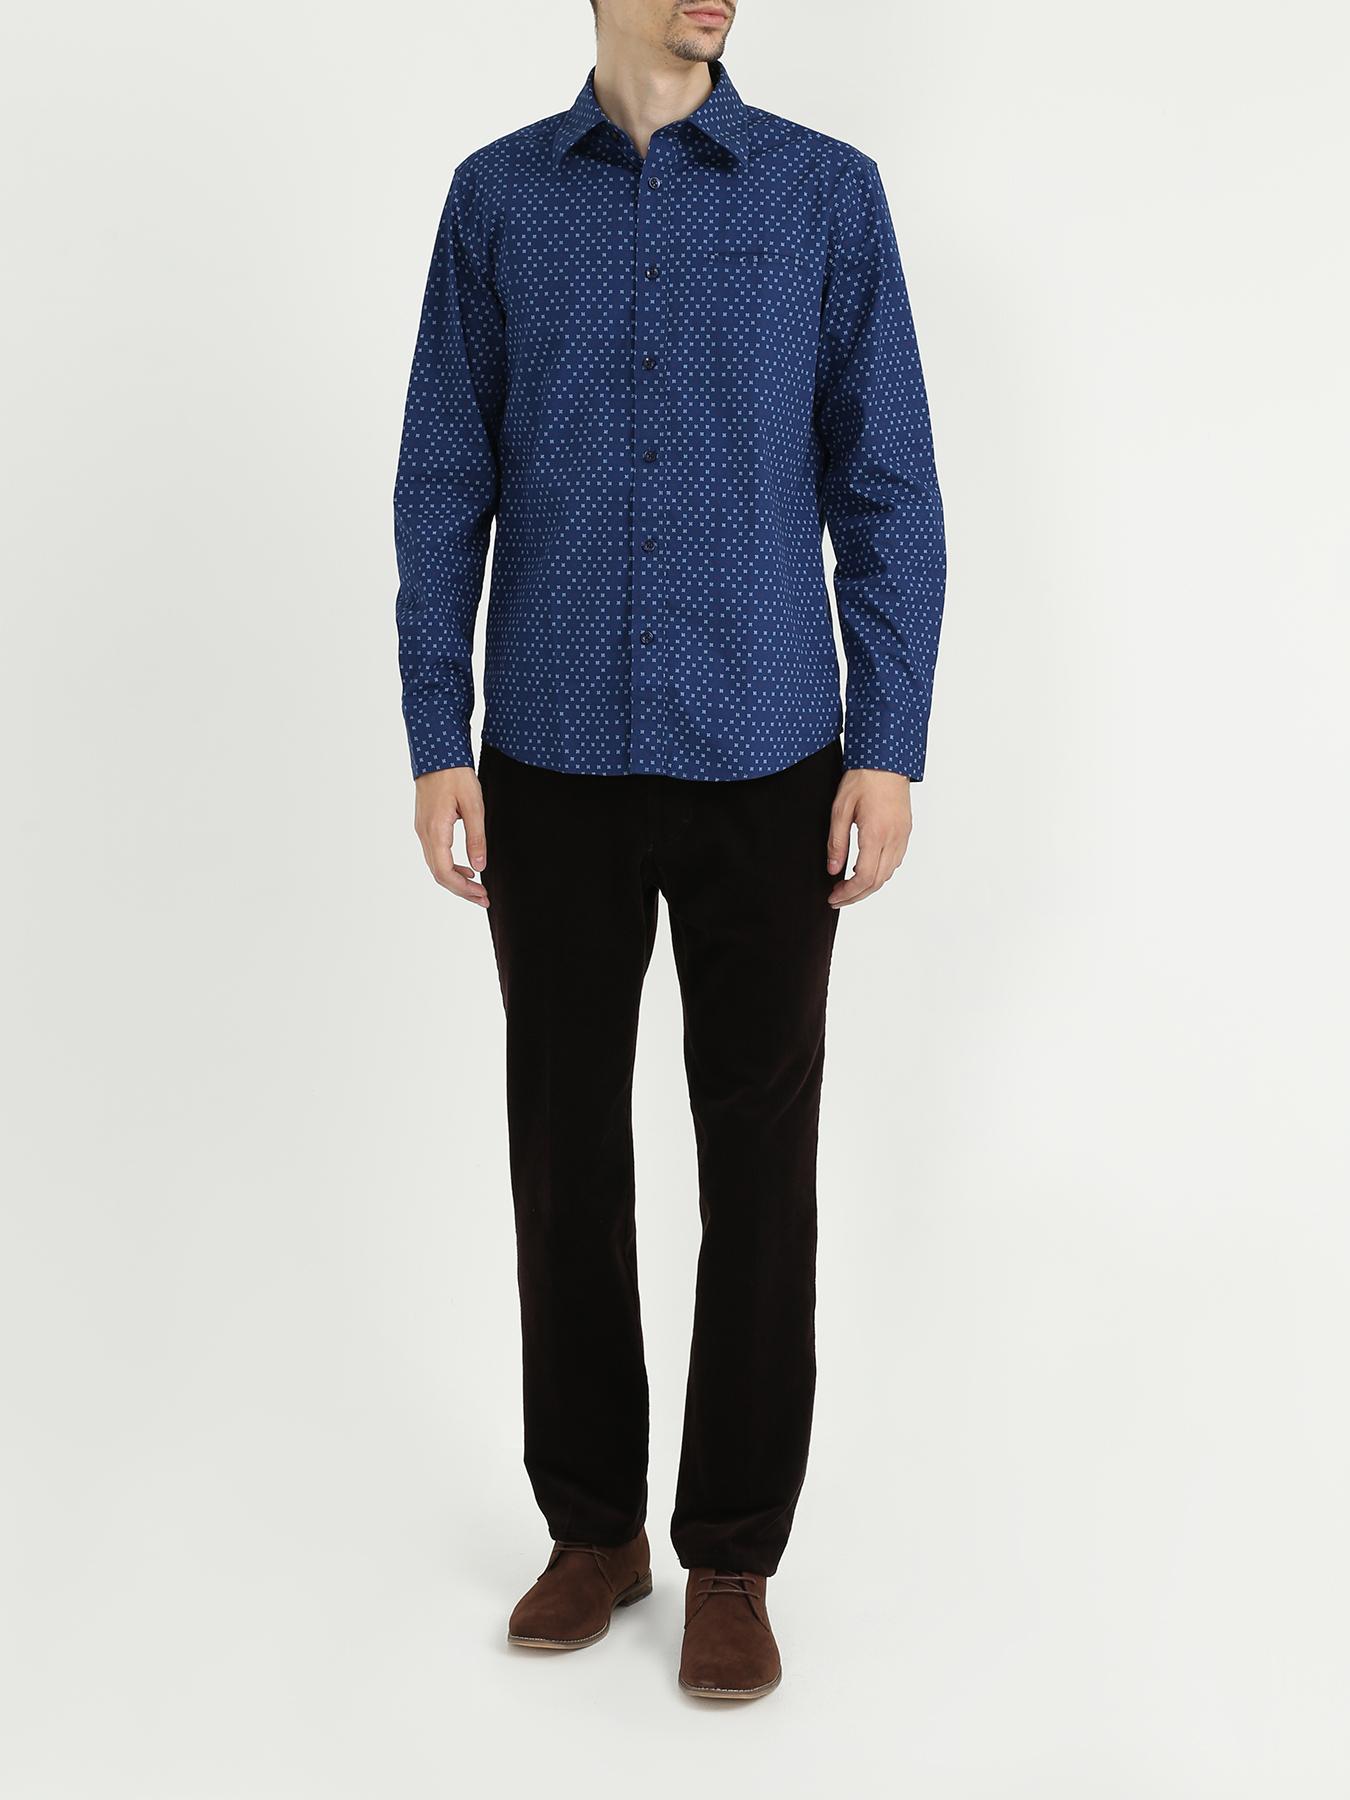 Рубашка Ritter Jeans Рубашка с длинным рукавом рубашка с длинным рукавом для деловых людей весенняя осень твердый цвет silm fit